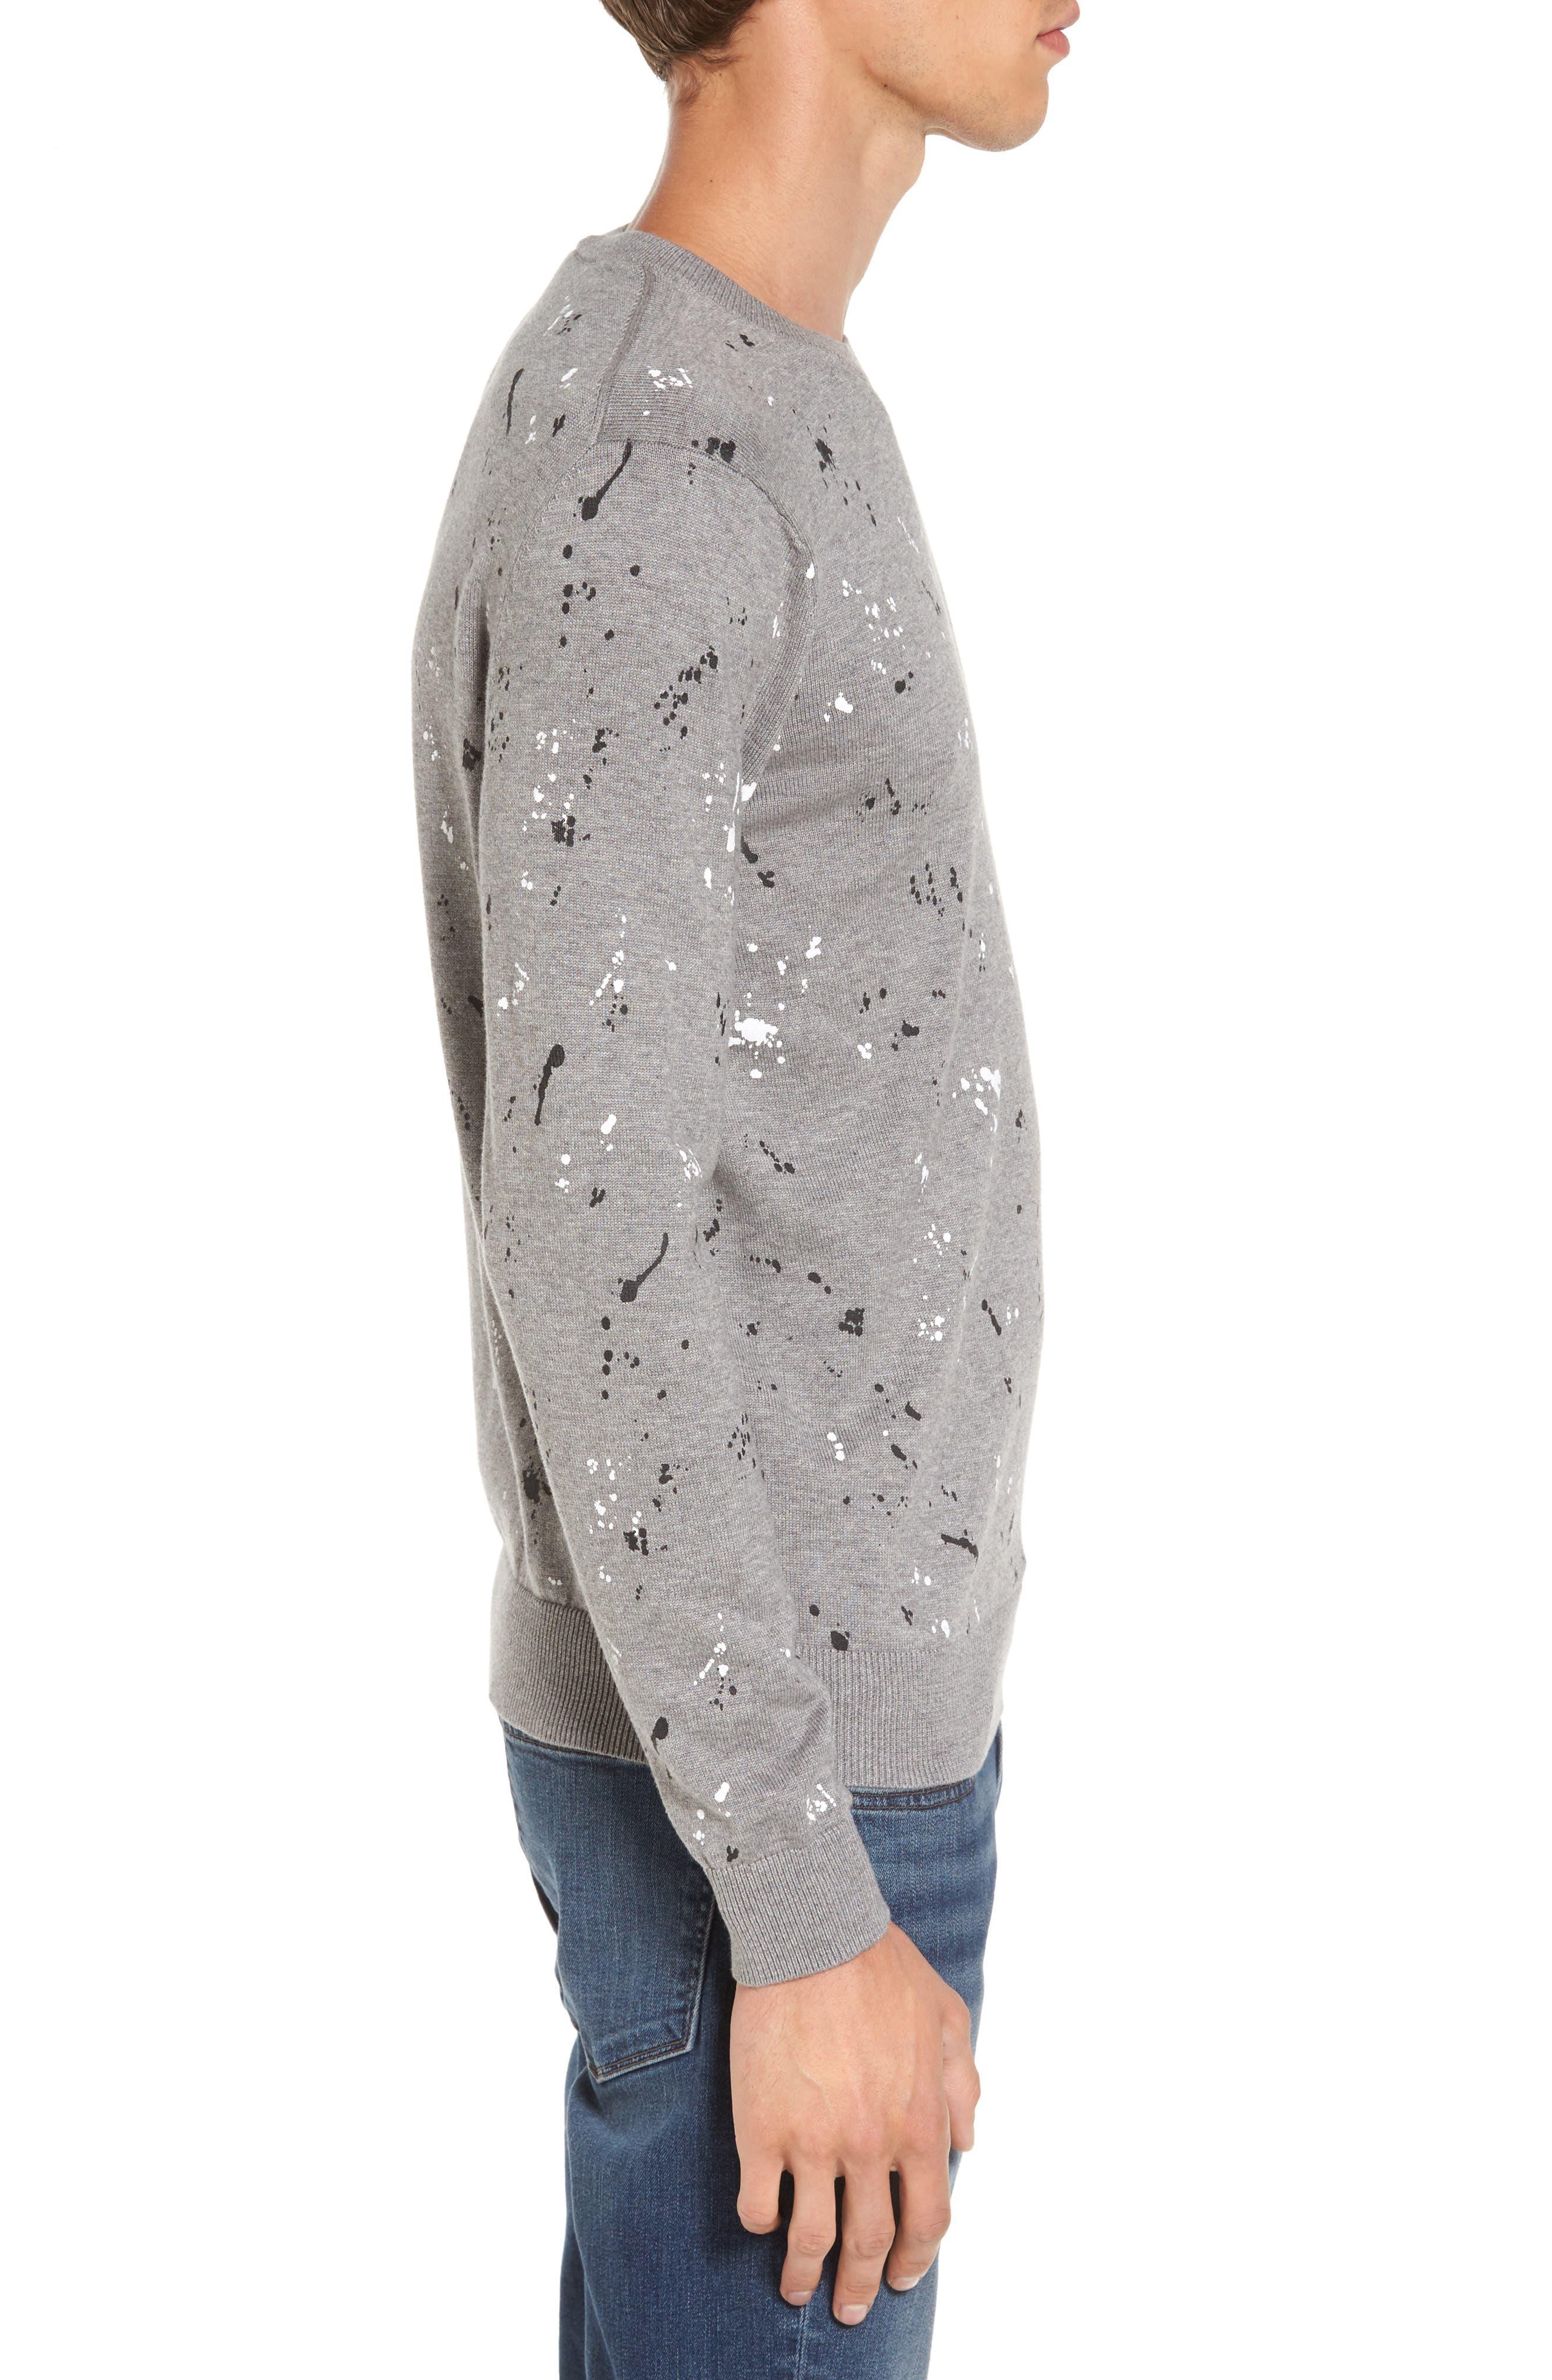 Splatter Sweater,                             Alternate thumbnail 3, color,                             062